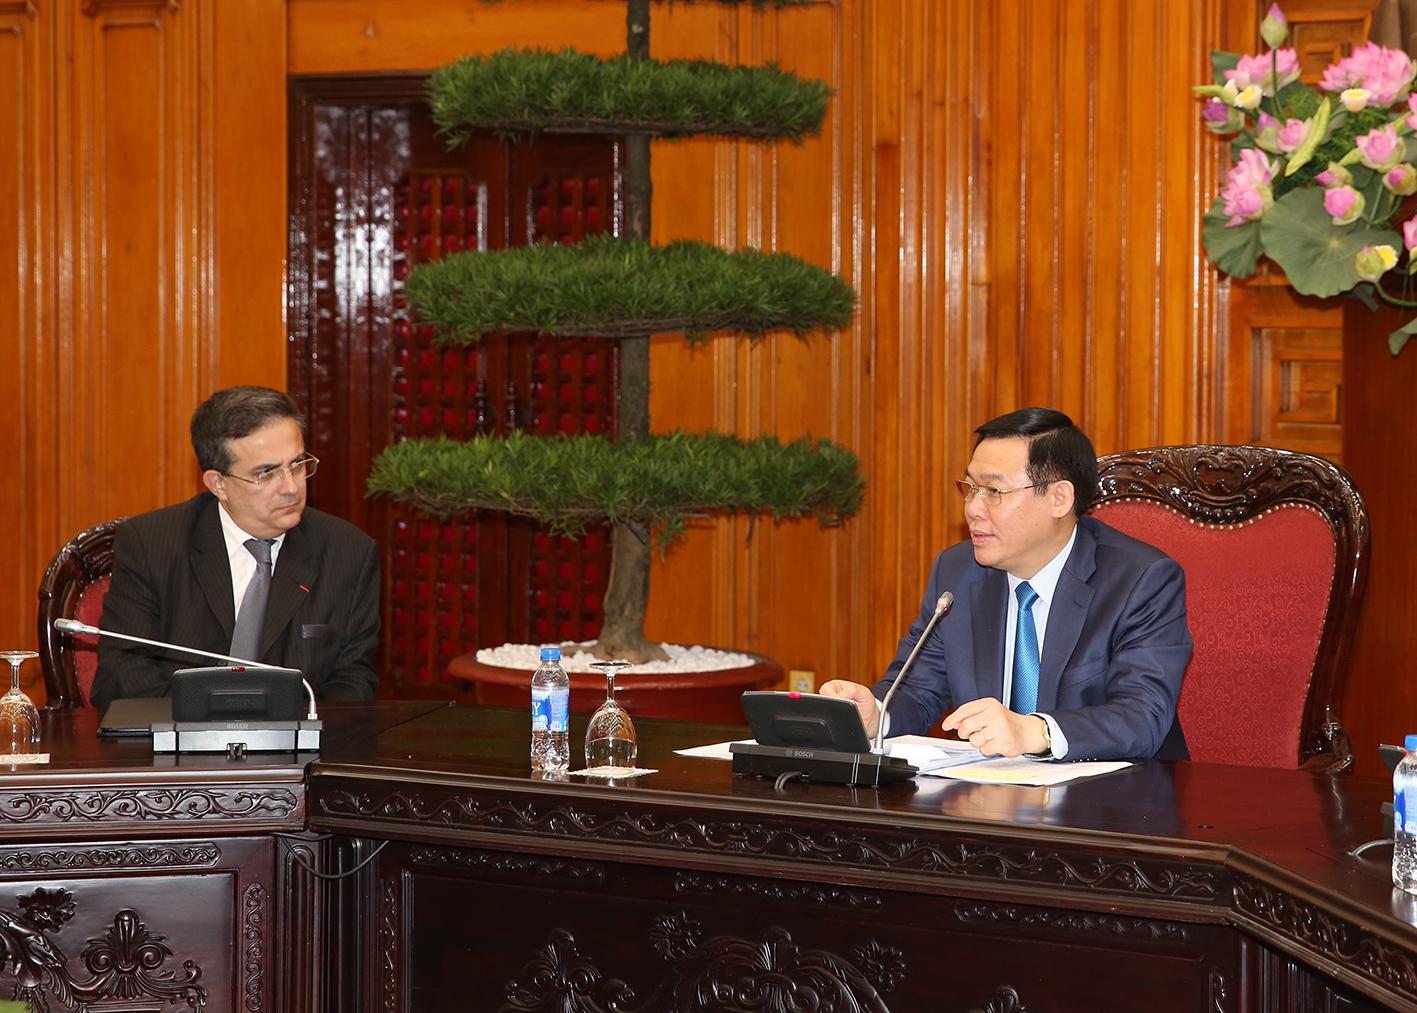 Thành công của các doanh nghiệp Pháp tại Việt Nam chính là thành công của Việt Nam